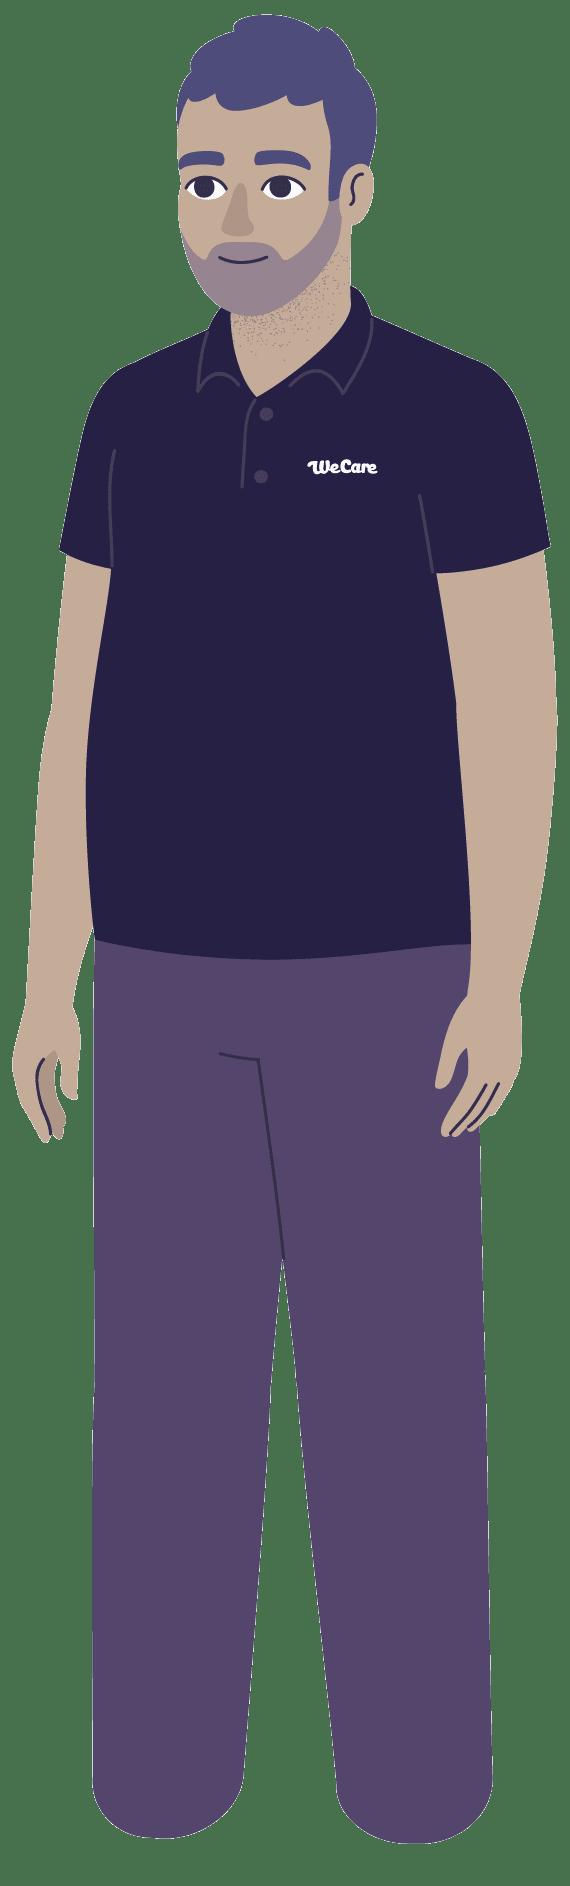 We Care staff member illustration